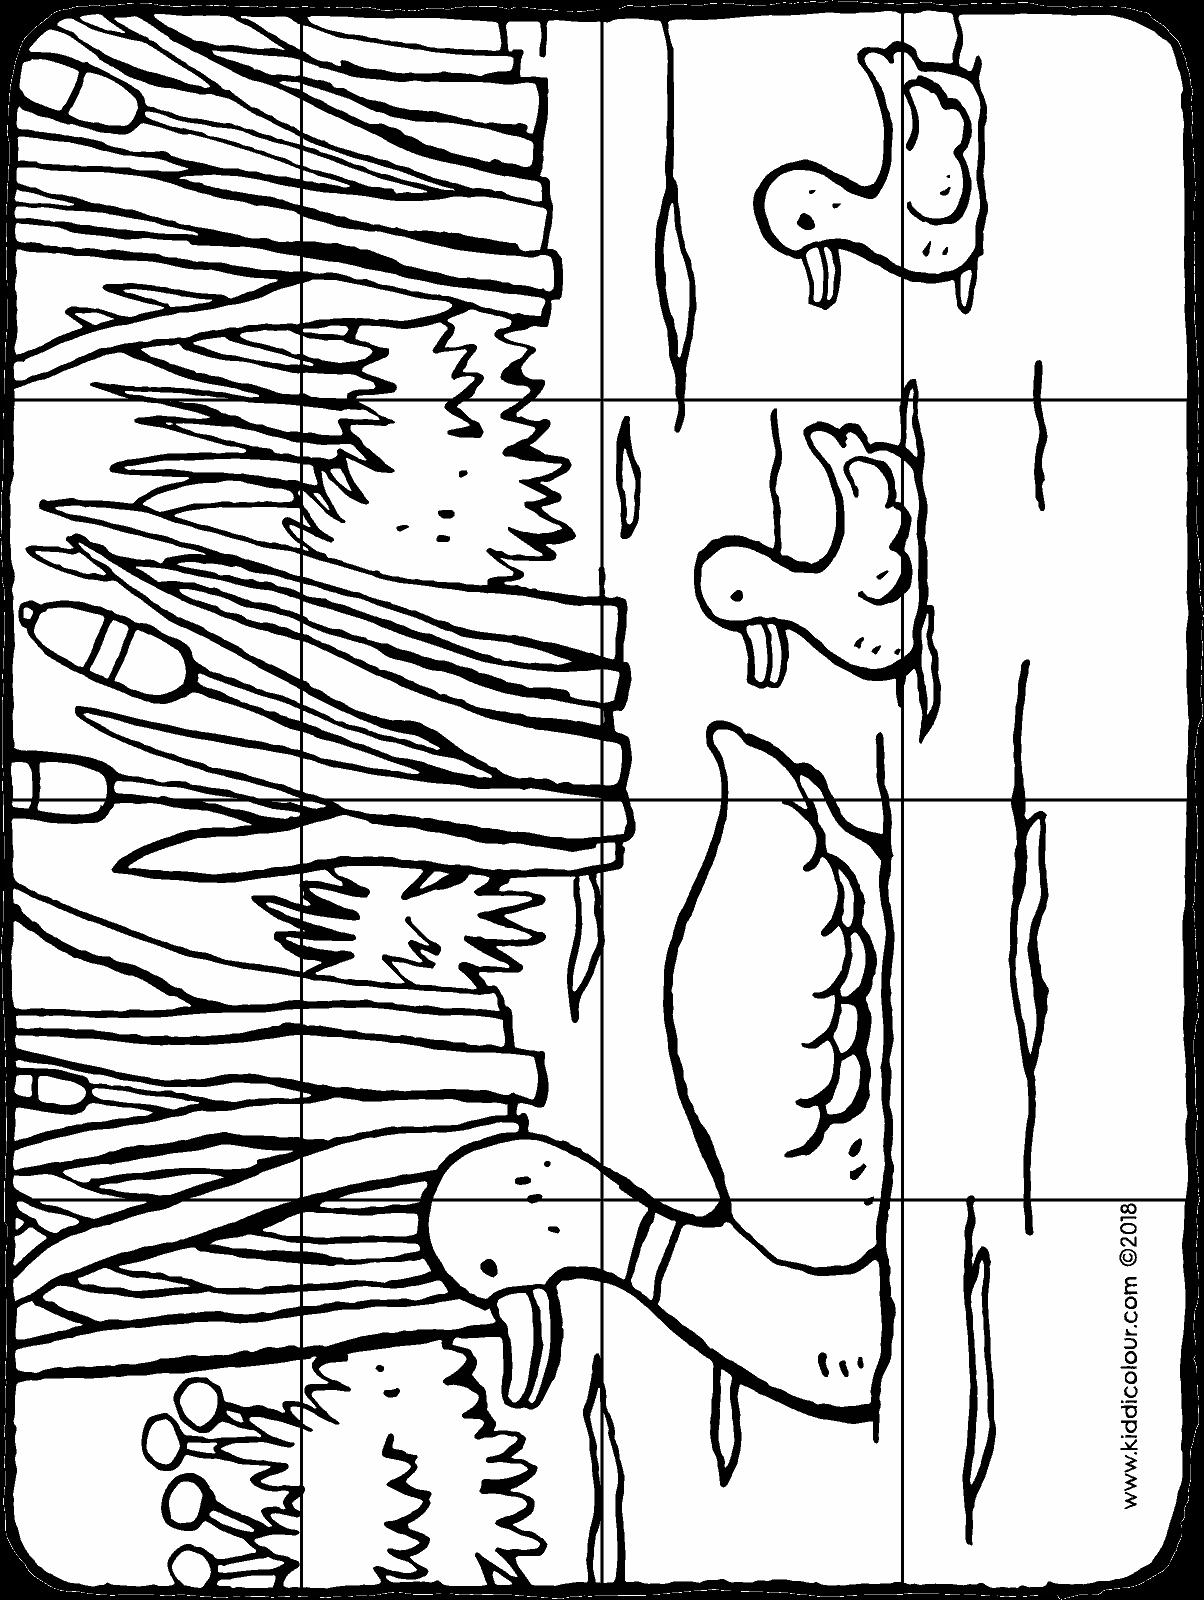 Einzigartig Ausmalbilder Puzzle Farbung Malvorlagen Malvorlagenfurkinder Bilder Zum Ausdrucken Enten Bilder Ausmalbilder